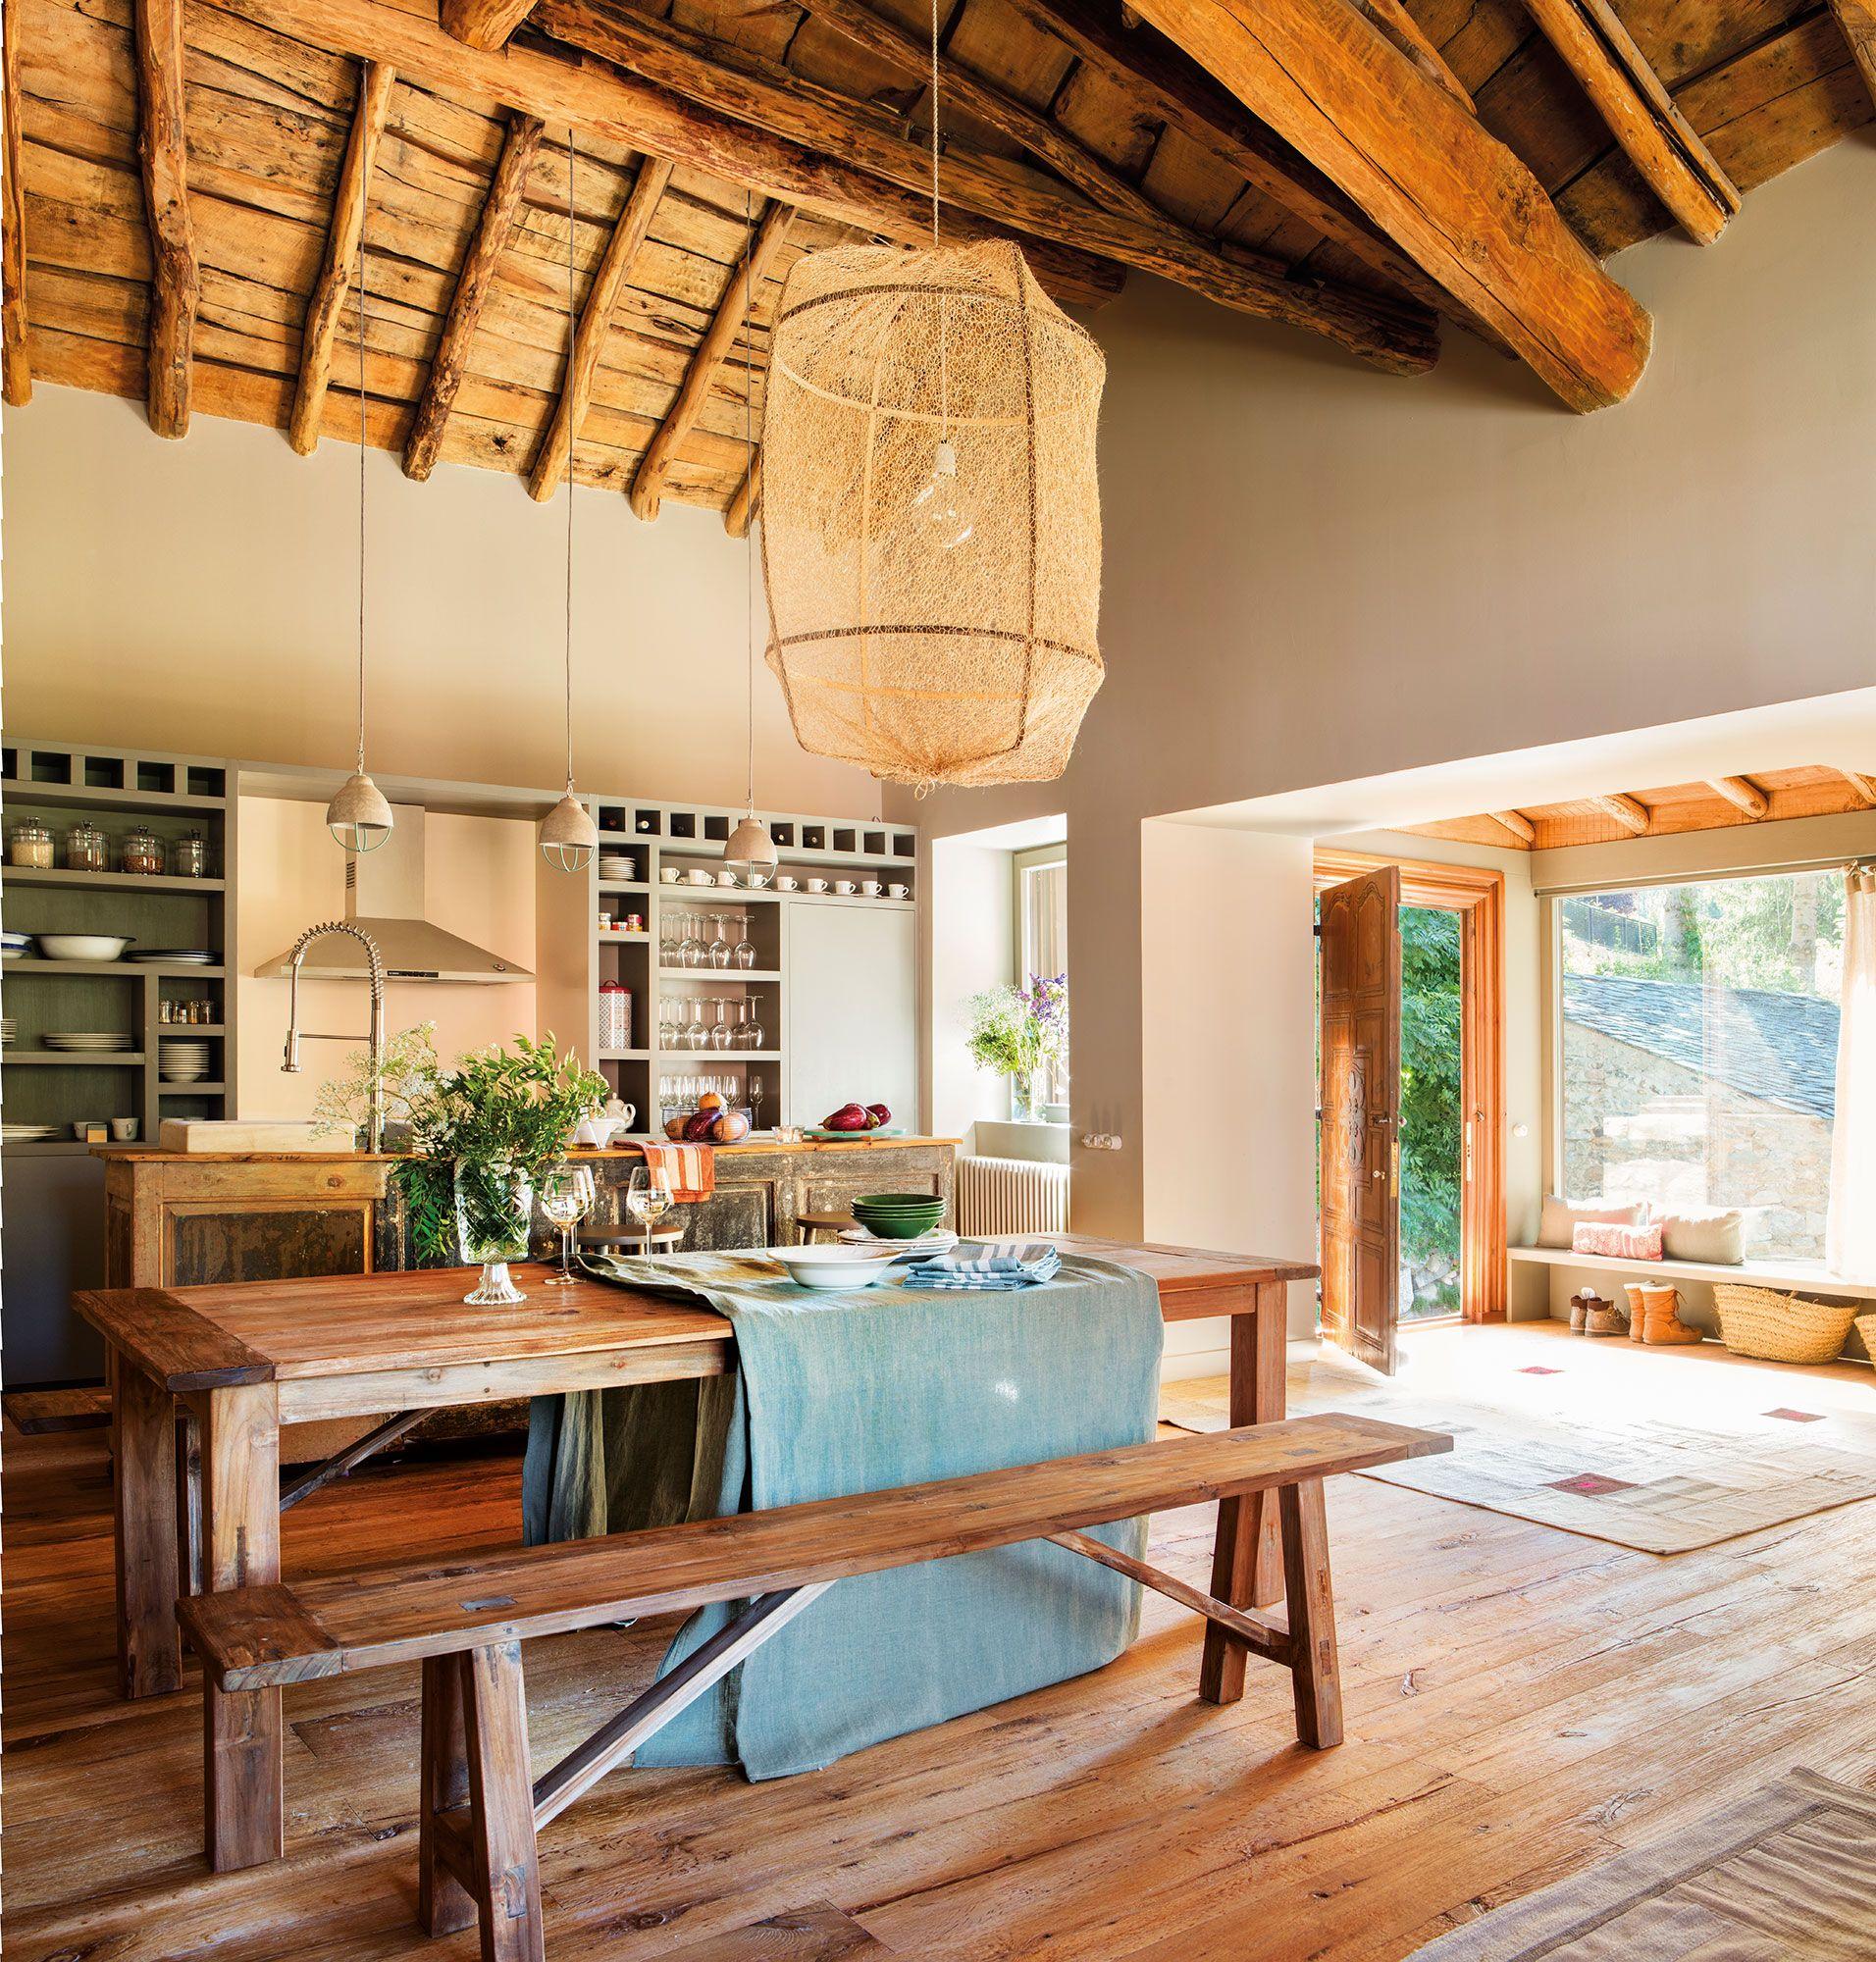 Comedor abierto a la cocina en casa r stica 00443221 - Diseno casas rusticas ...